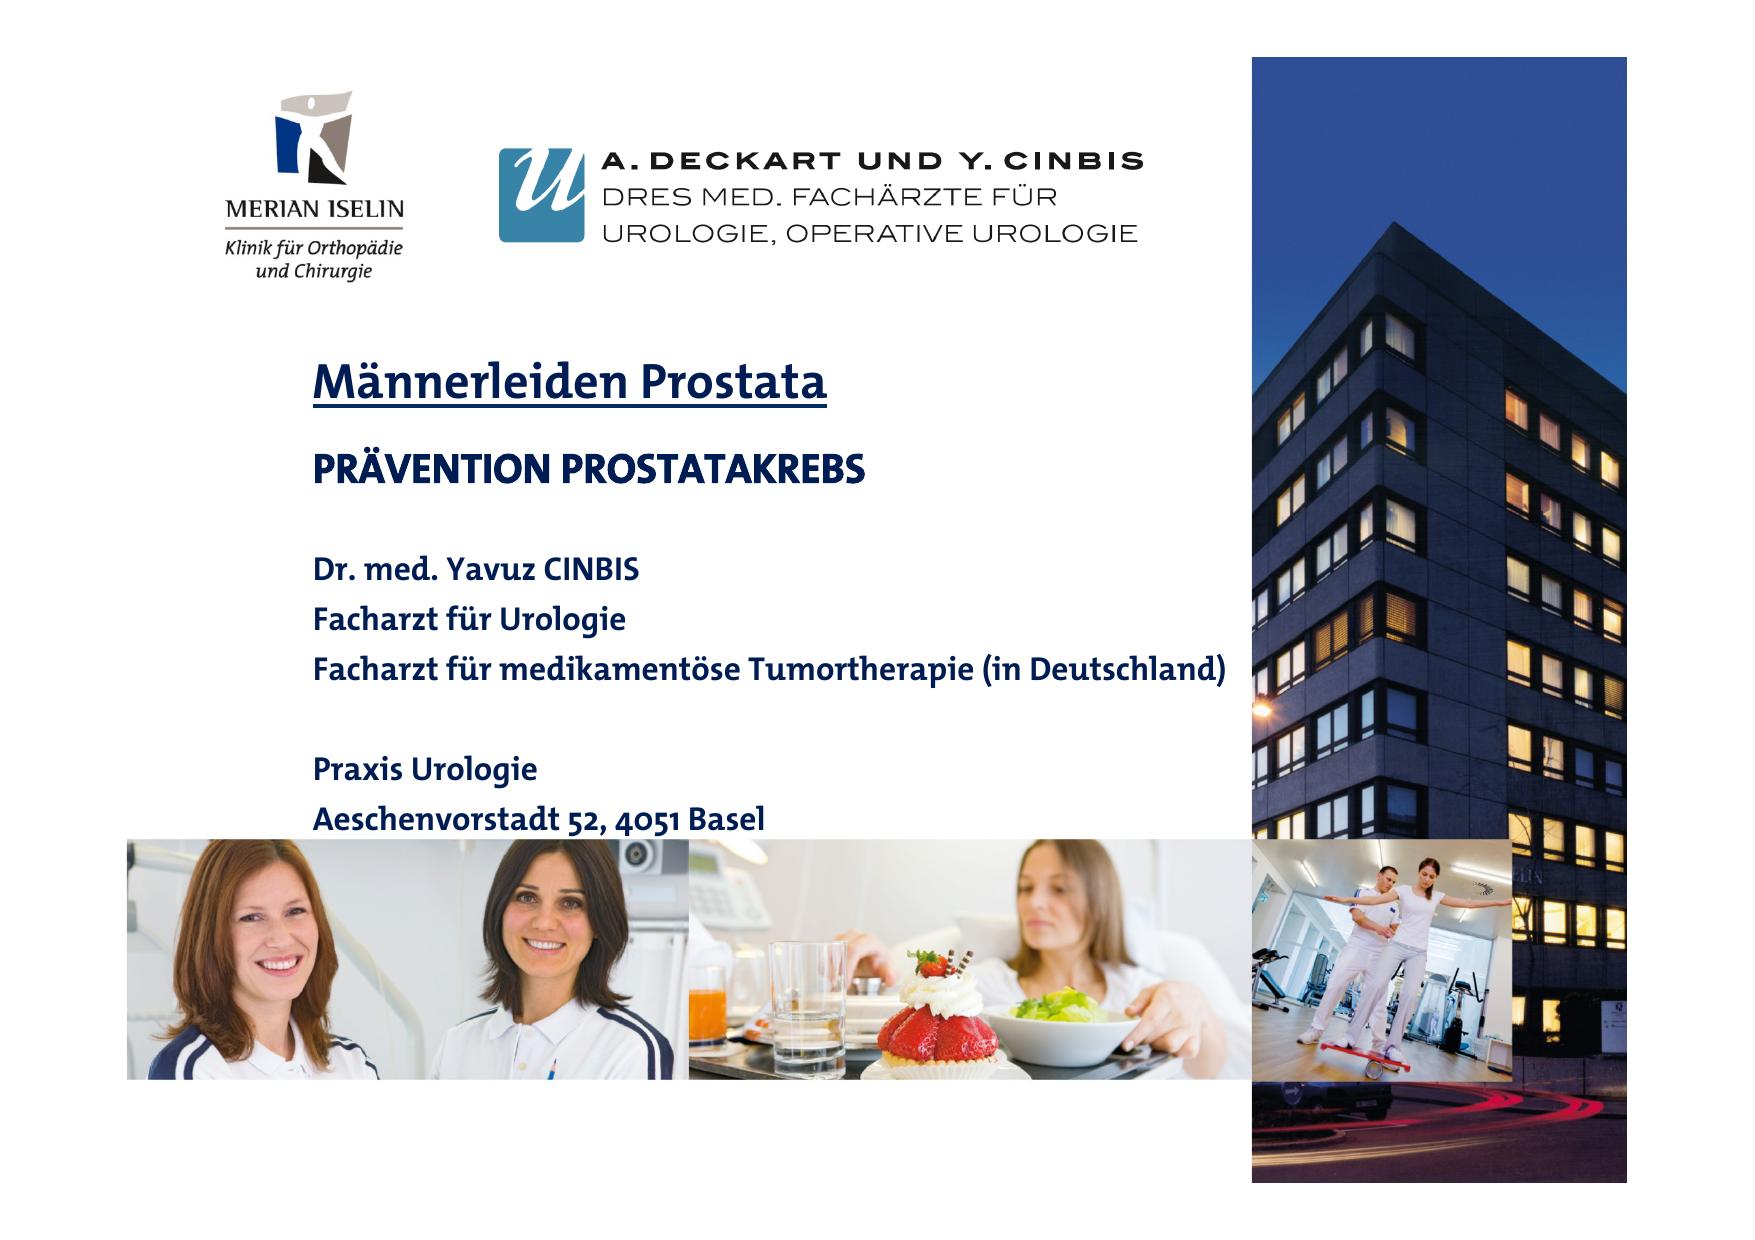 ph wert urin próstata